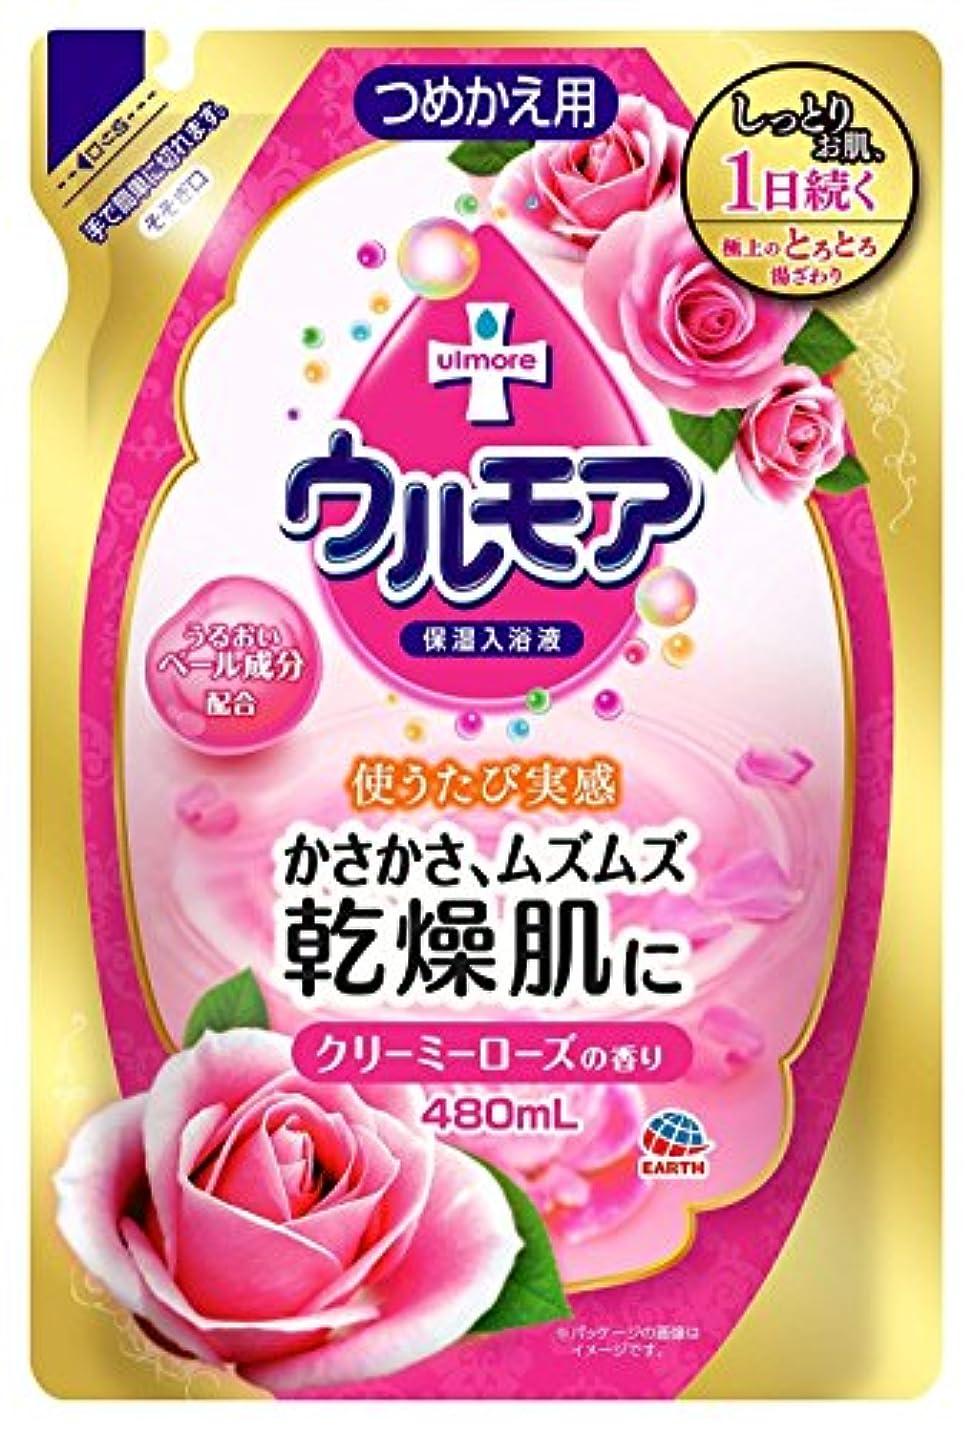 全能サイズ厚さ【アース製薬】保湿入浴液ウルモアクリーミーローズの香り 詰替え用 480ml ×10個セット